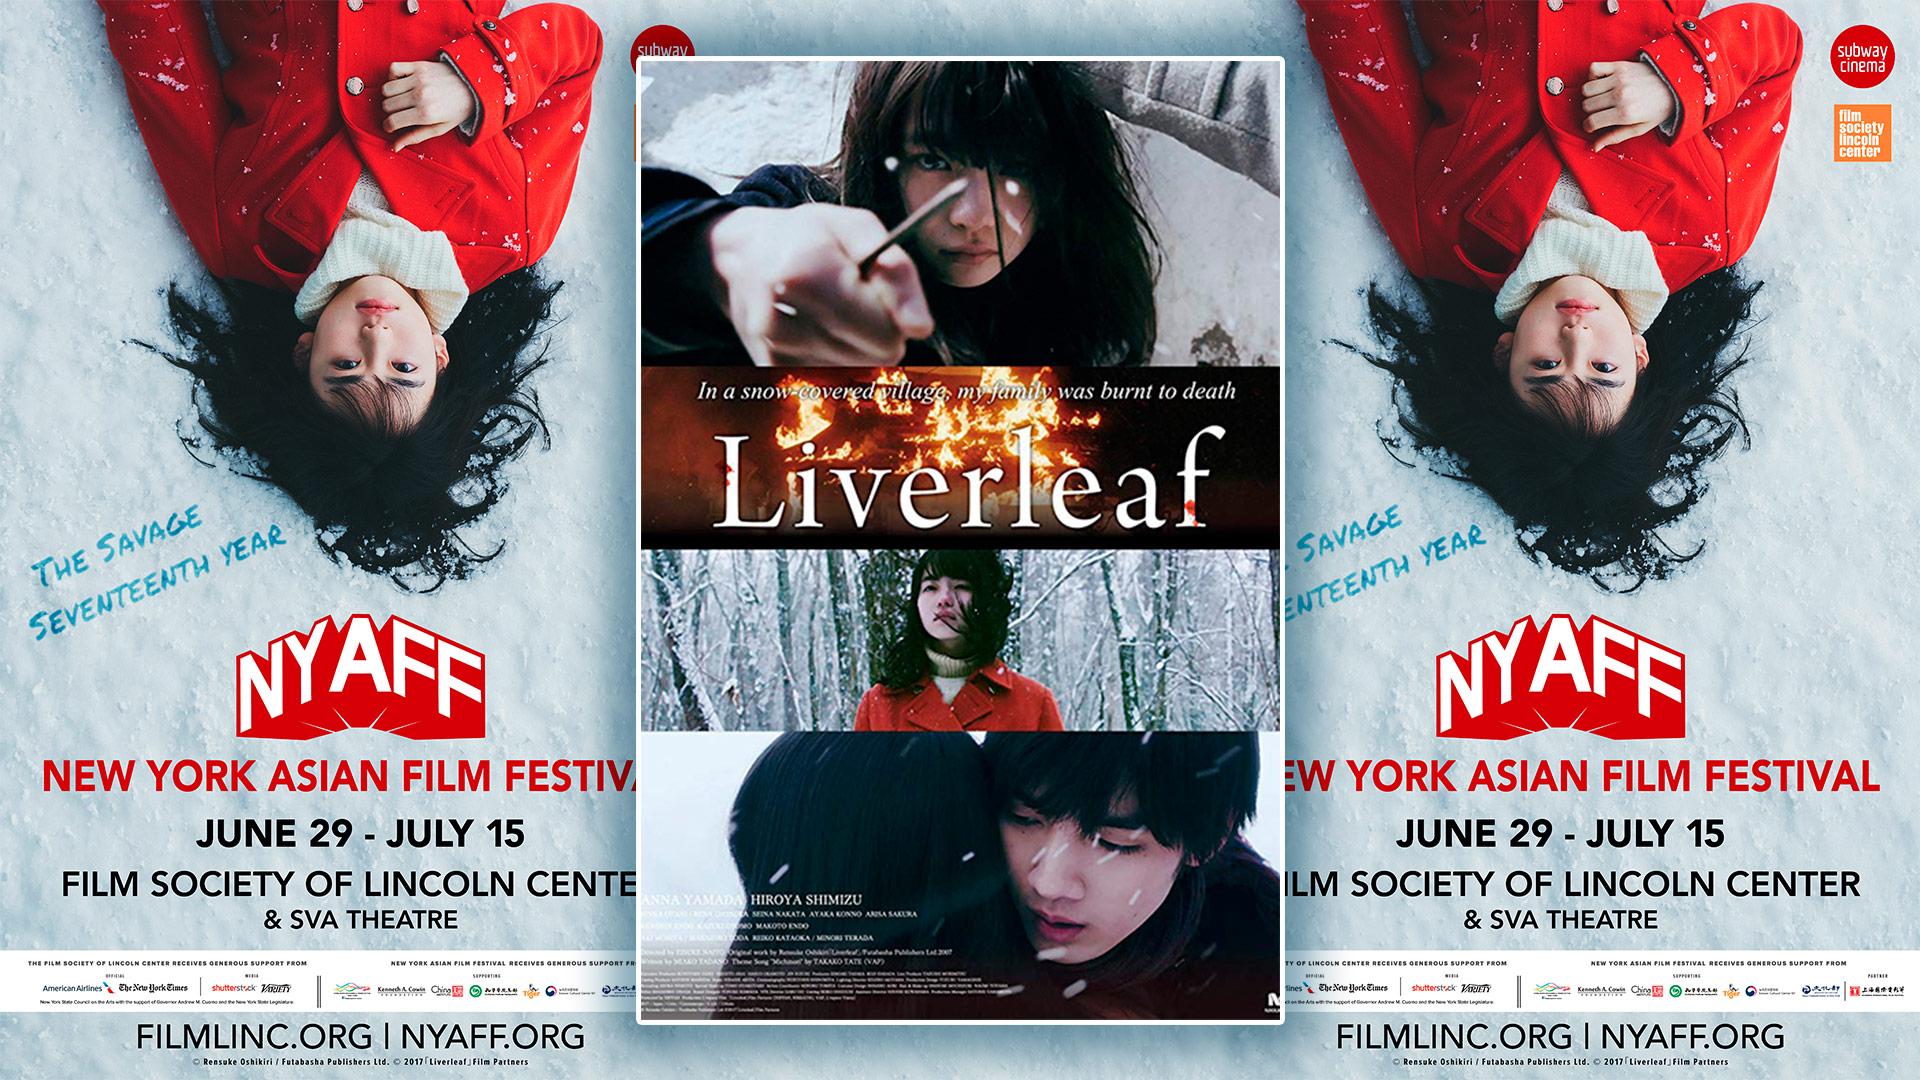 [NYAFF 2018] Critique du film Liverleaf